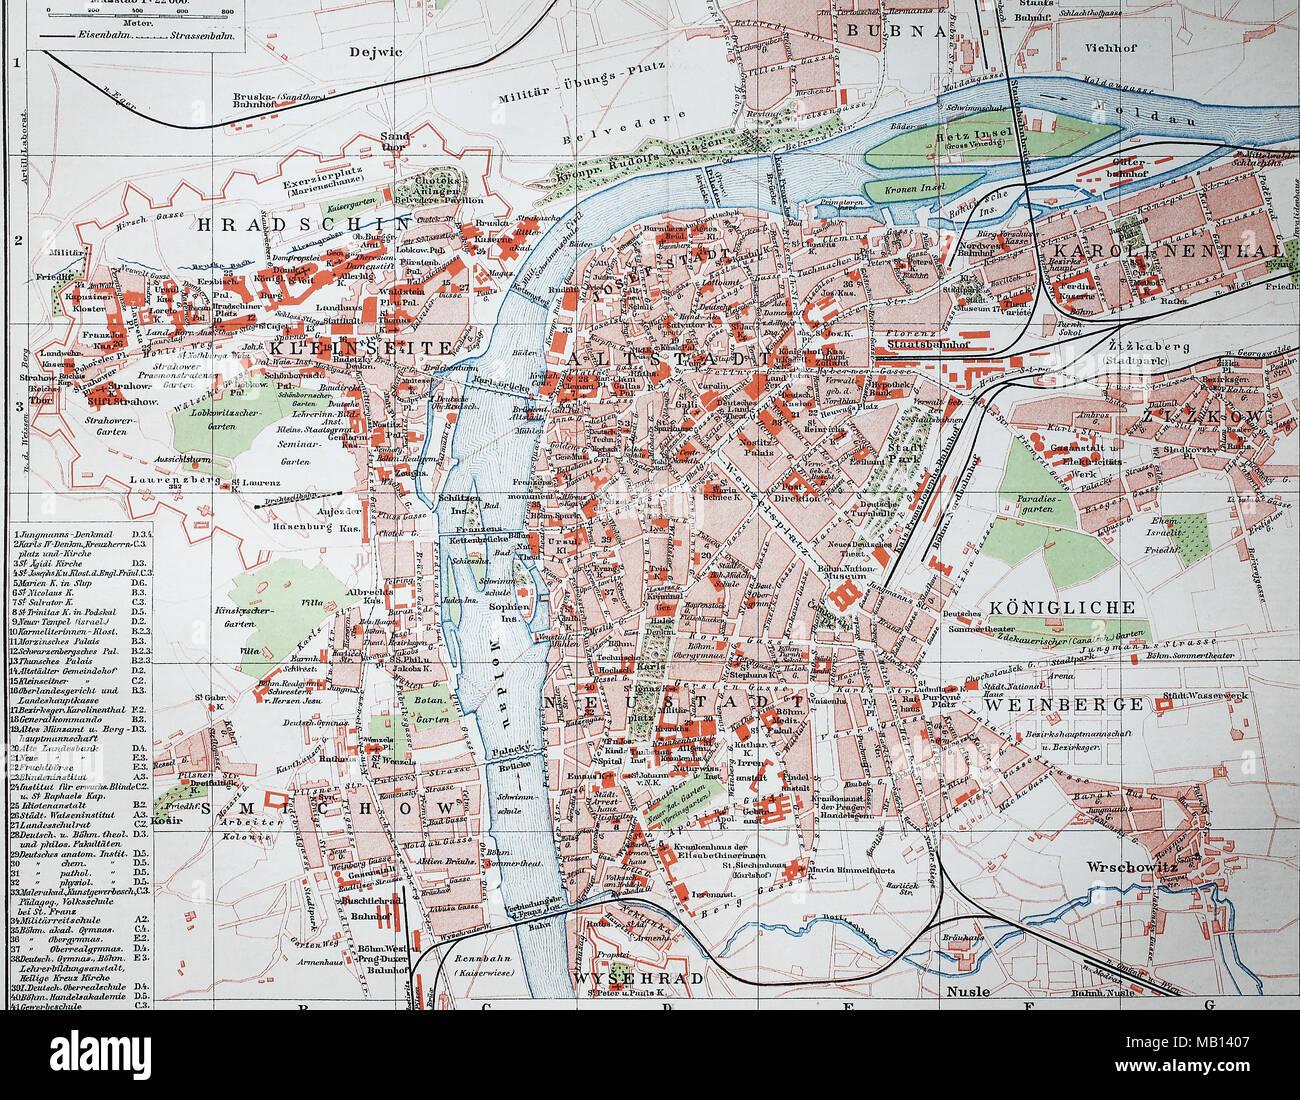 Stadtplan von Prag, Tschechische Republik, 1895, city map of ...